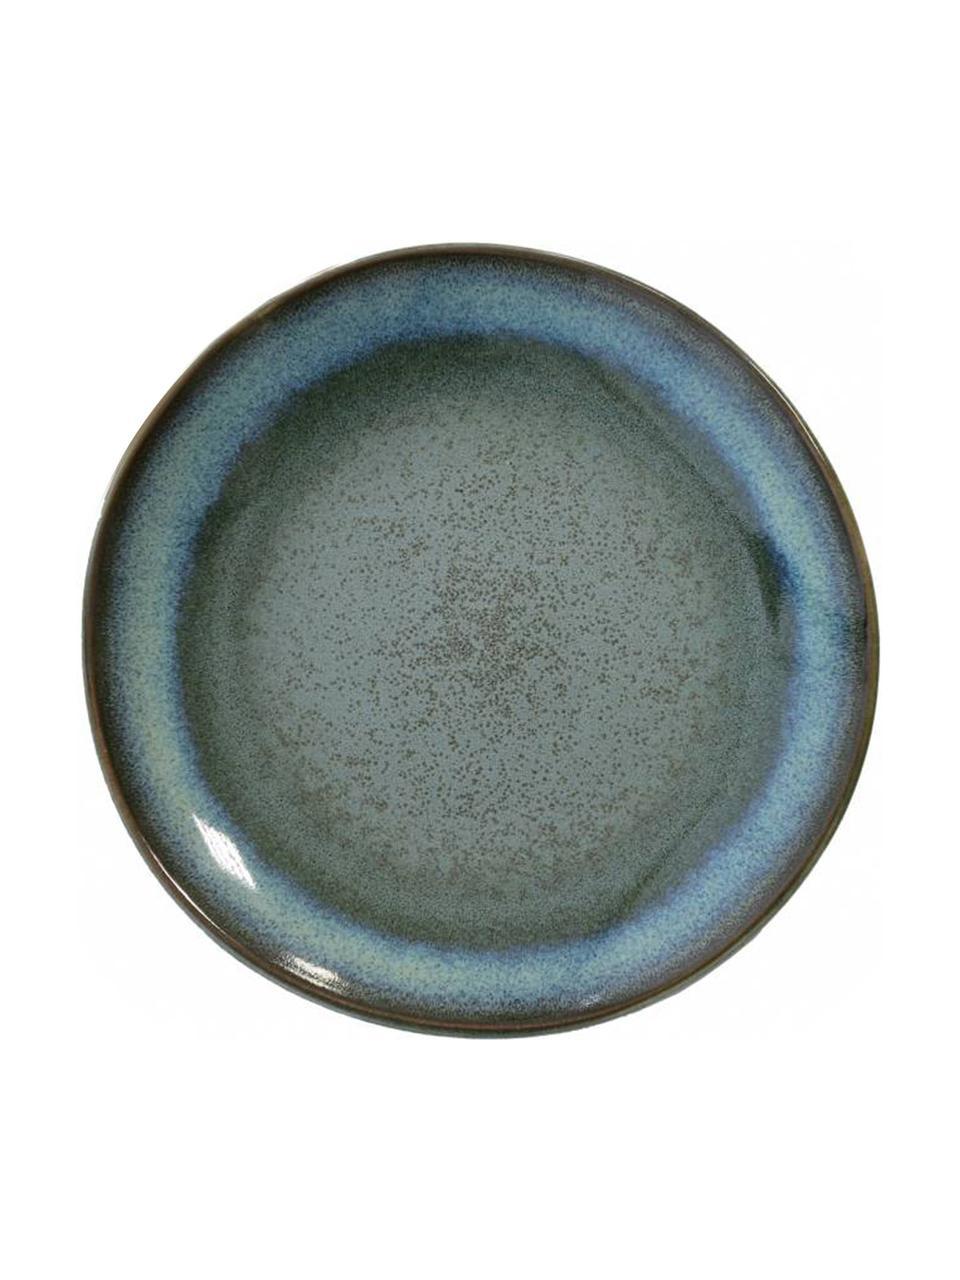 Piatto piano stile retrò fatto a mano 70's 2 pz, Gres, Tonalità blu, tonalità verdi, Ø 18 cm